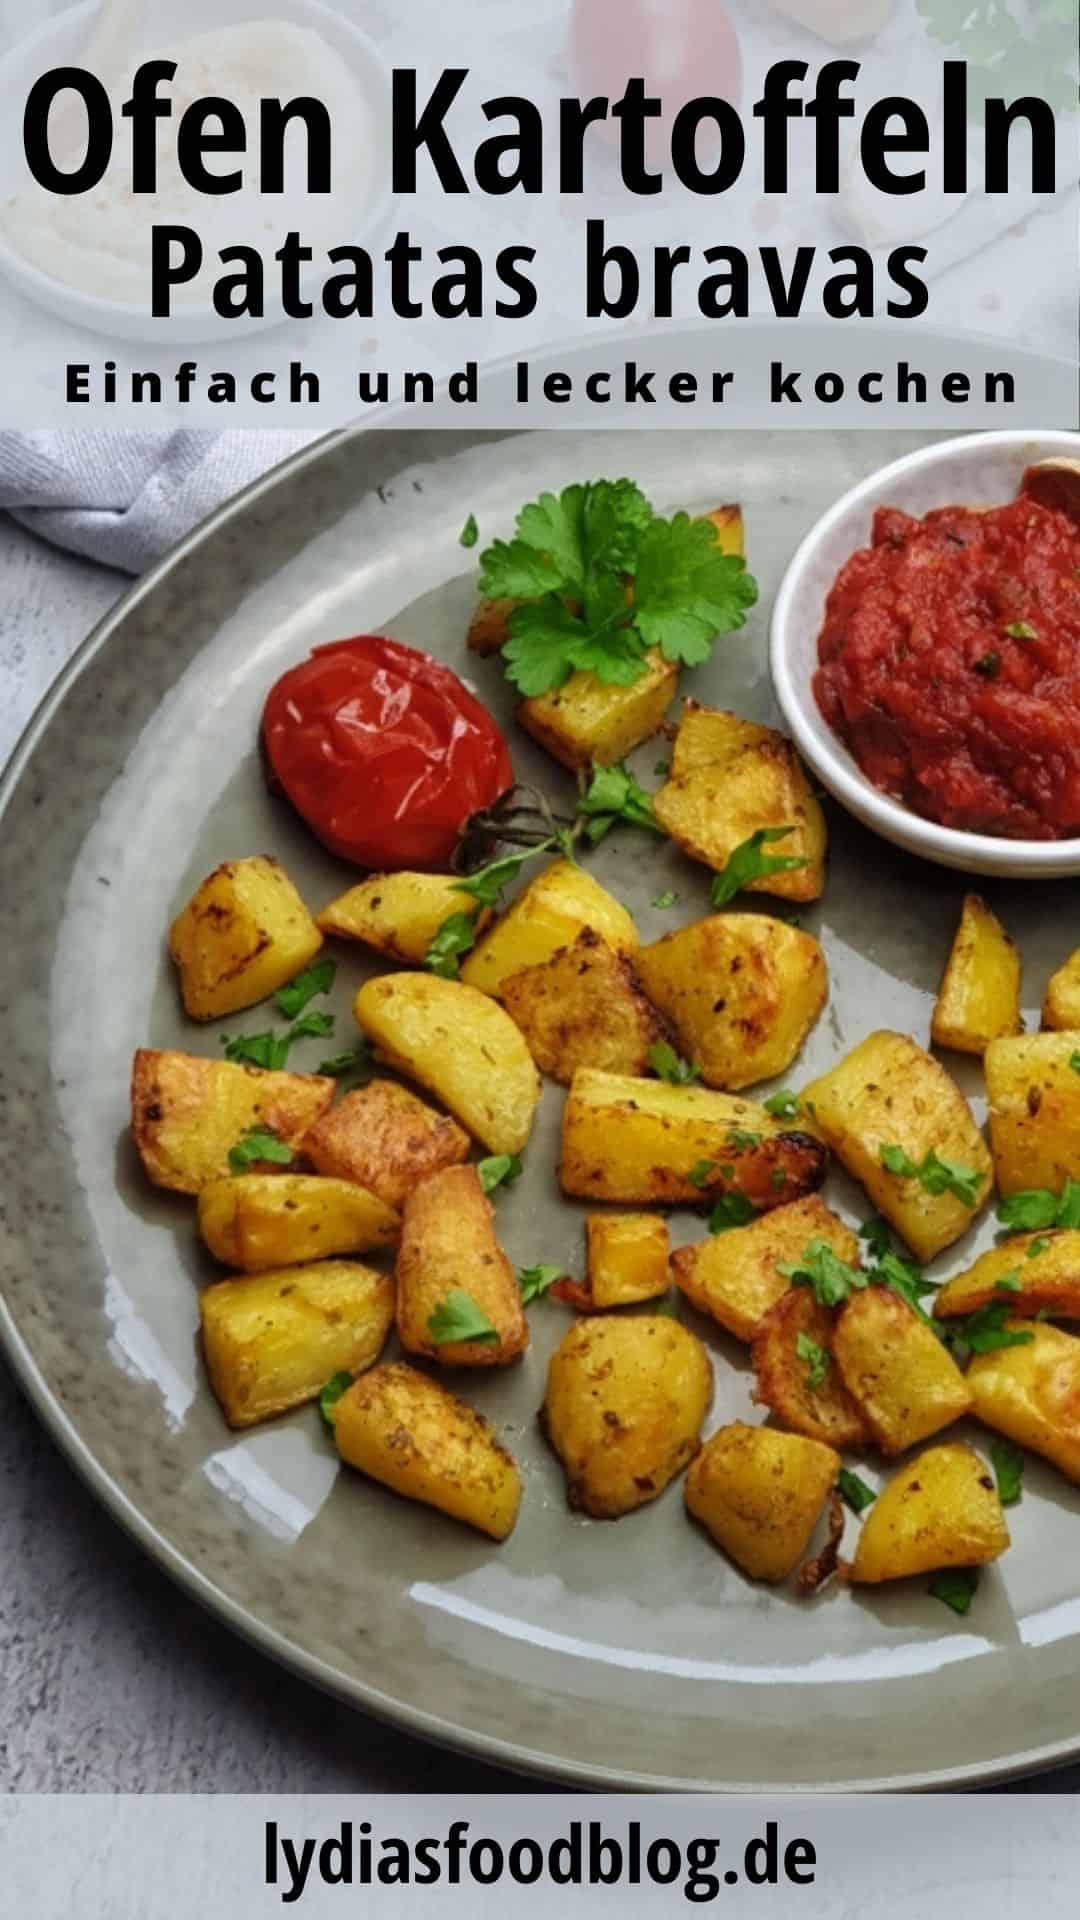 Auf einem grünen Teller Patatas Bravas, spanische Ofen Kartoffeln. Im Hintergrund Deko.